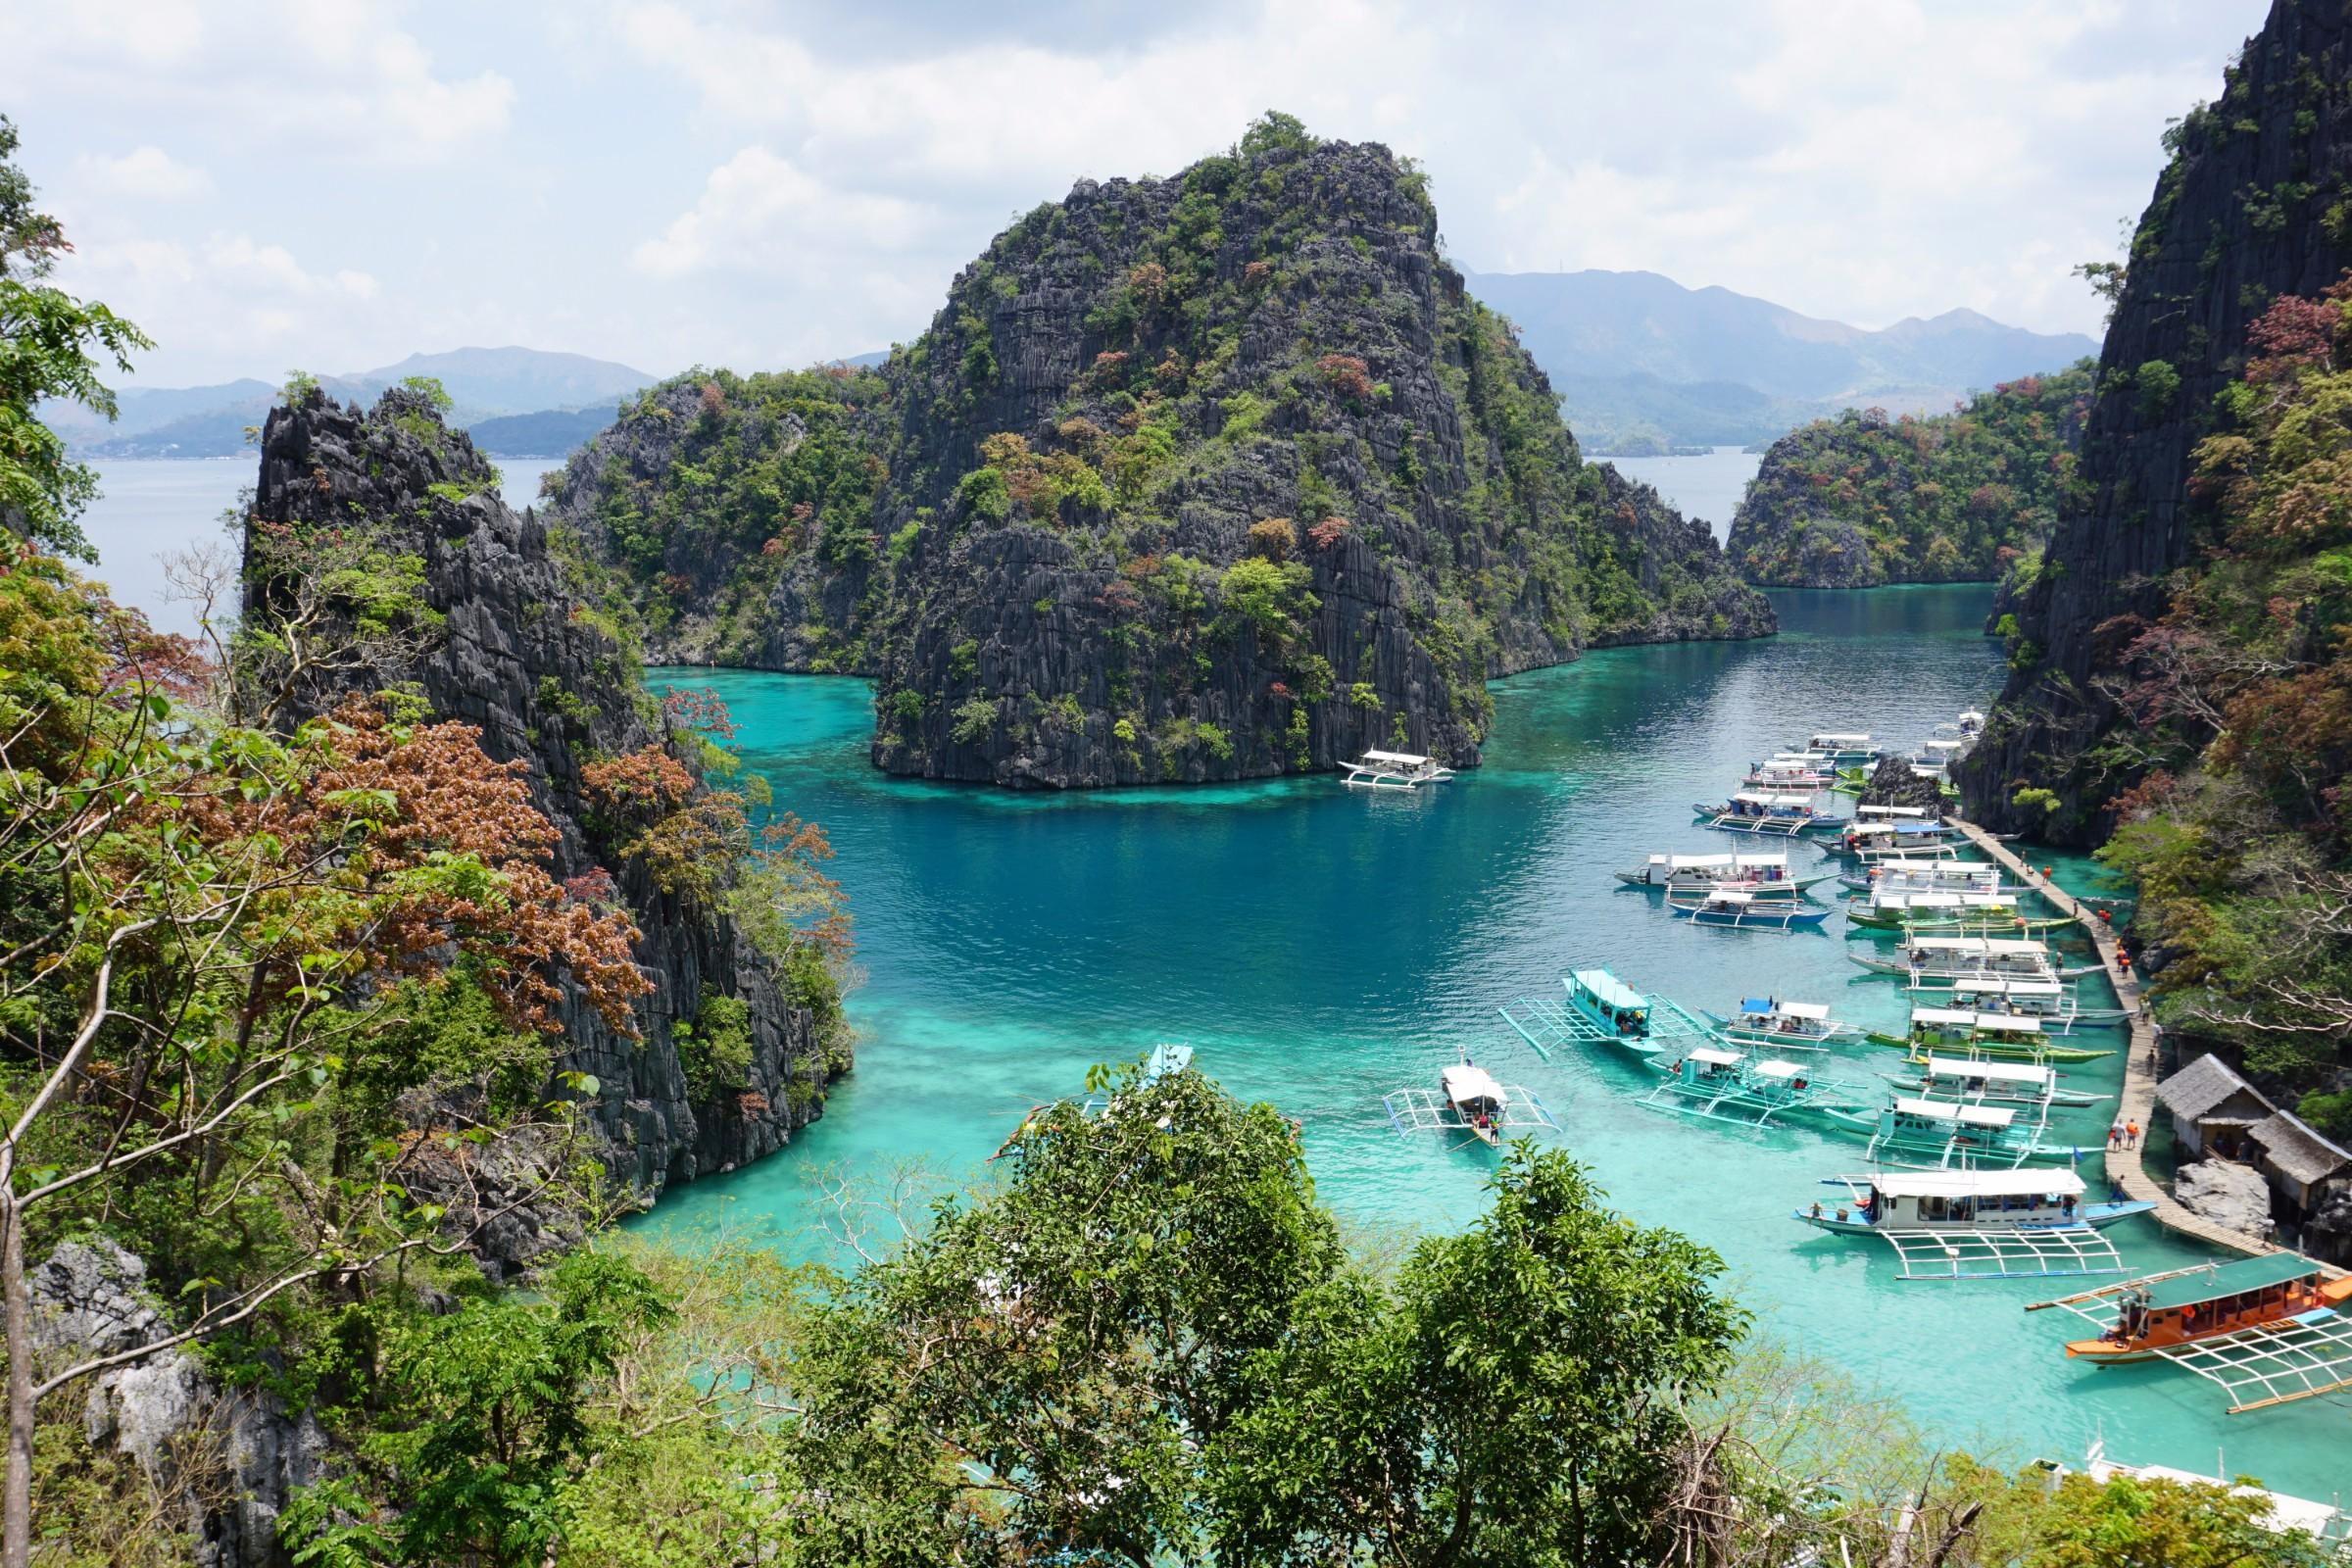 Kinh nghiệm du lịch bụi Philippines - Kayangan Lake, Coron, Palawan